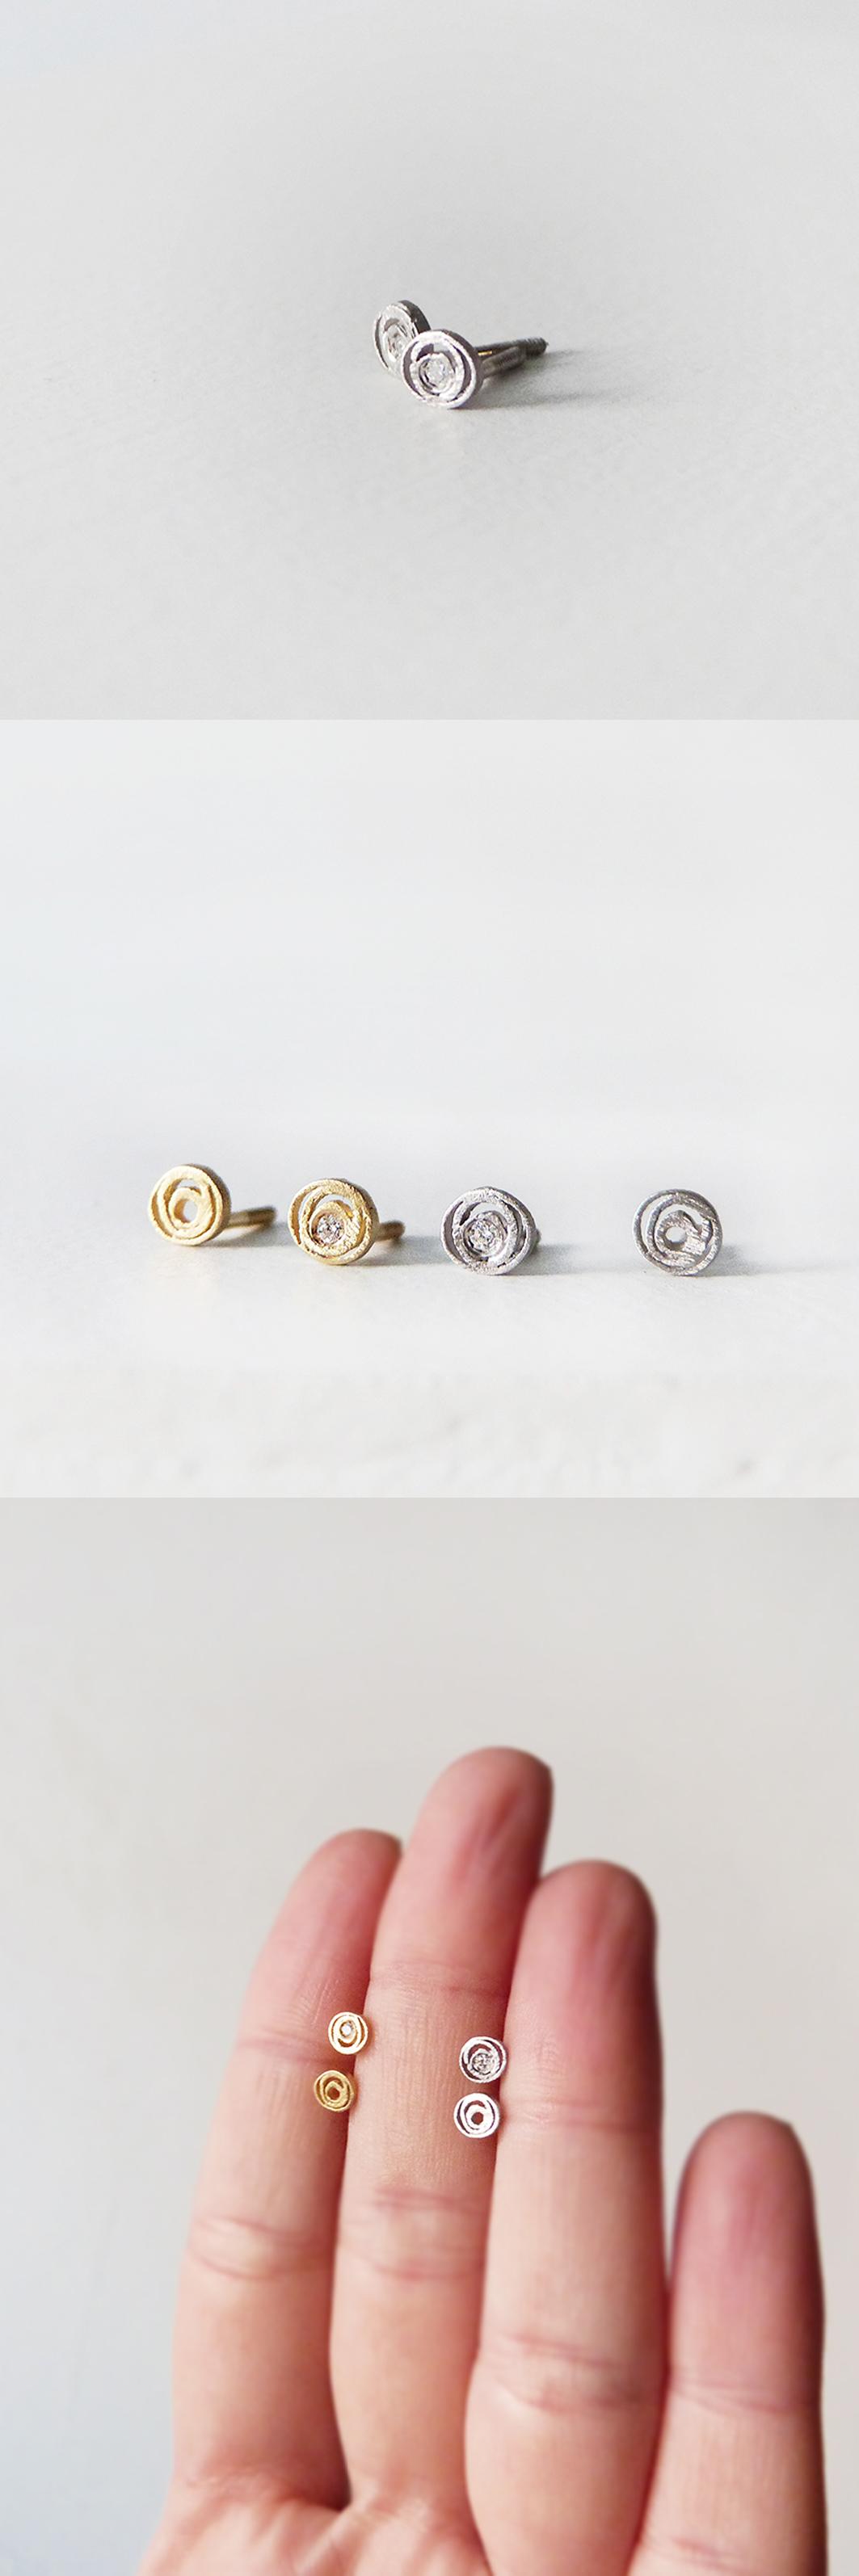 119c7ada90f2 Pendientes minis en oro blanco y amarillo